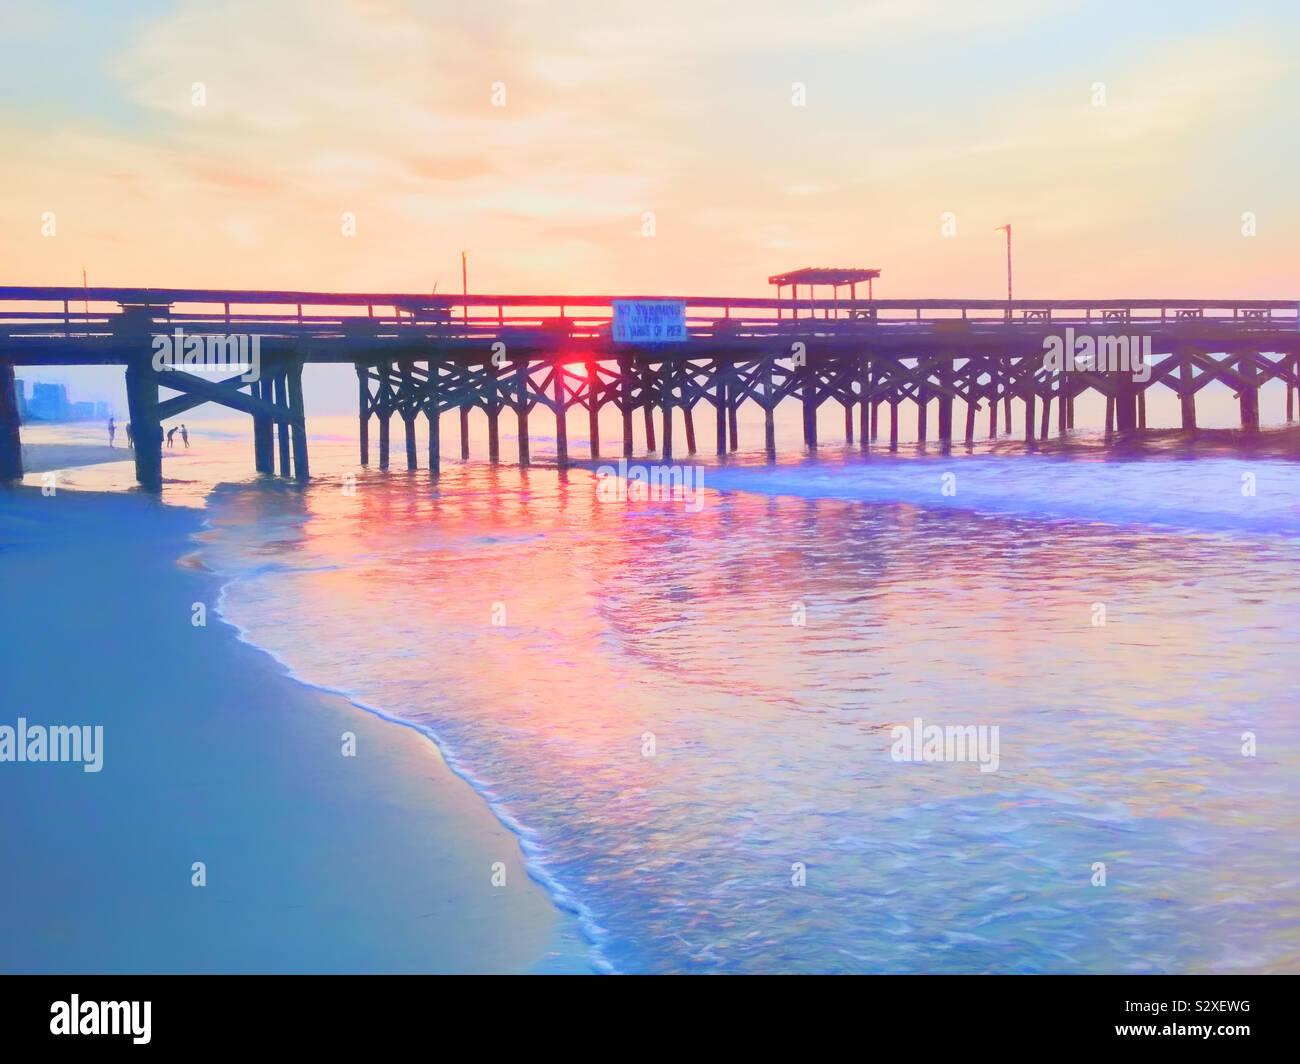 Sol detrás de un muelle en Myrtle Beach, Carolina del Sur. La gente en la playa. Foto de stock